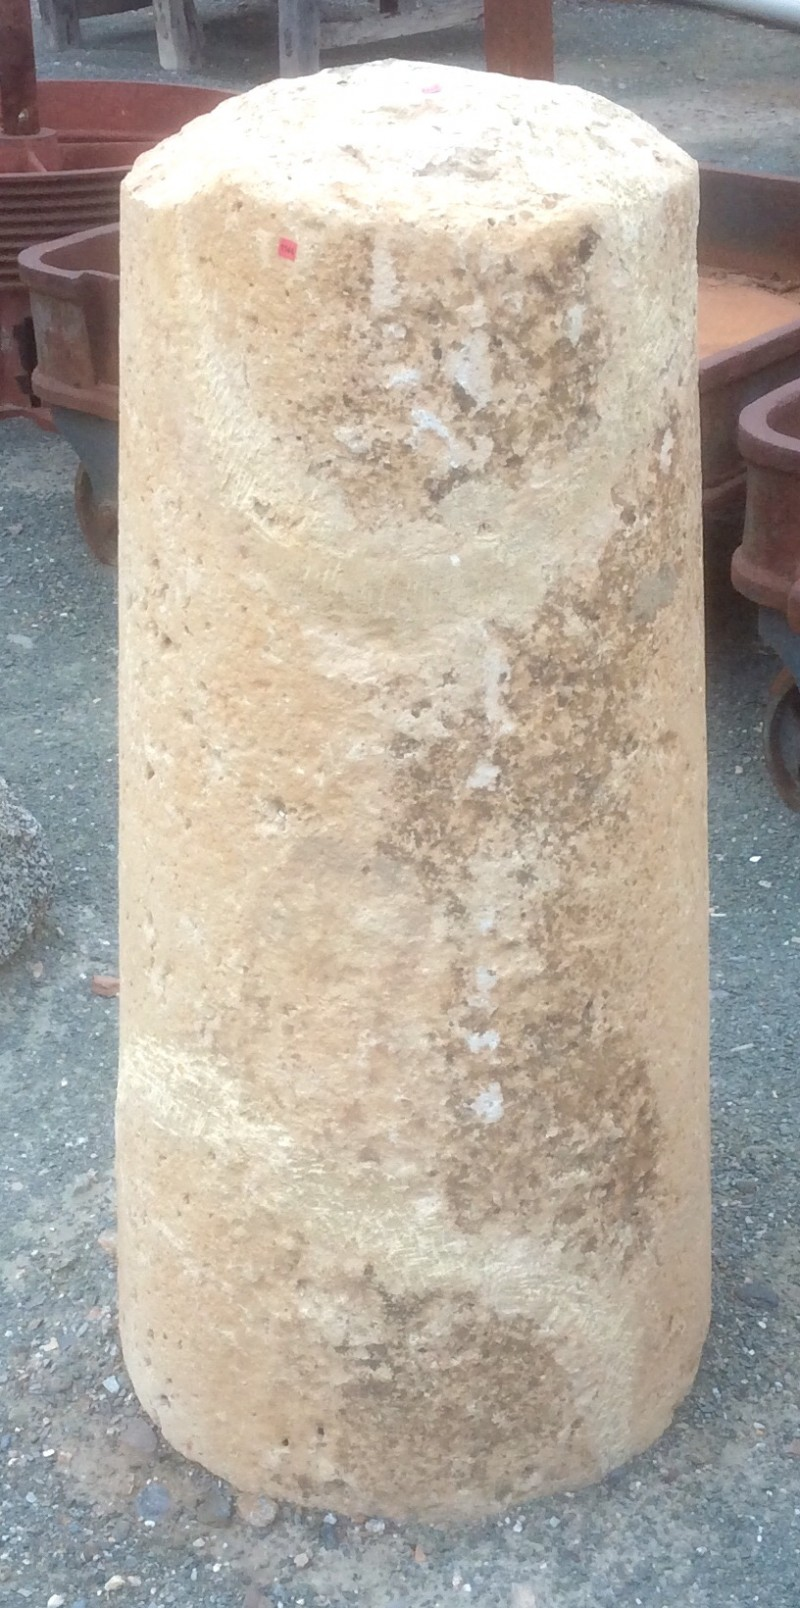 Rulo de piedra reparado. Mide 45 cm de diámetro x 1.10 cm de alto.